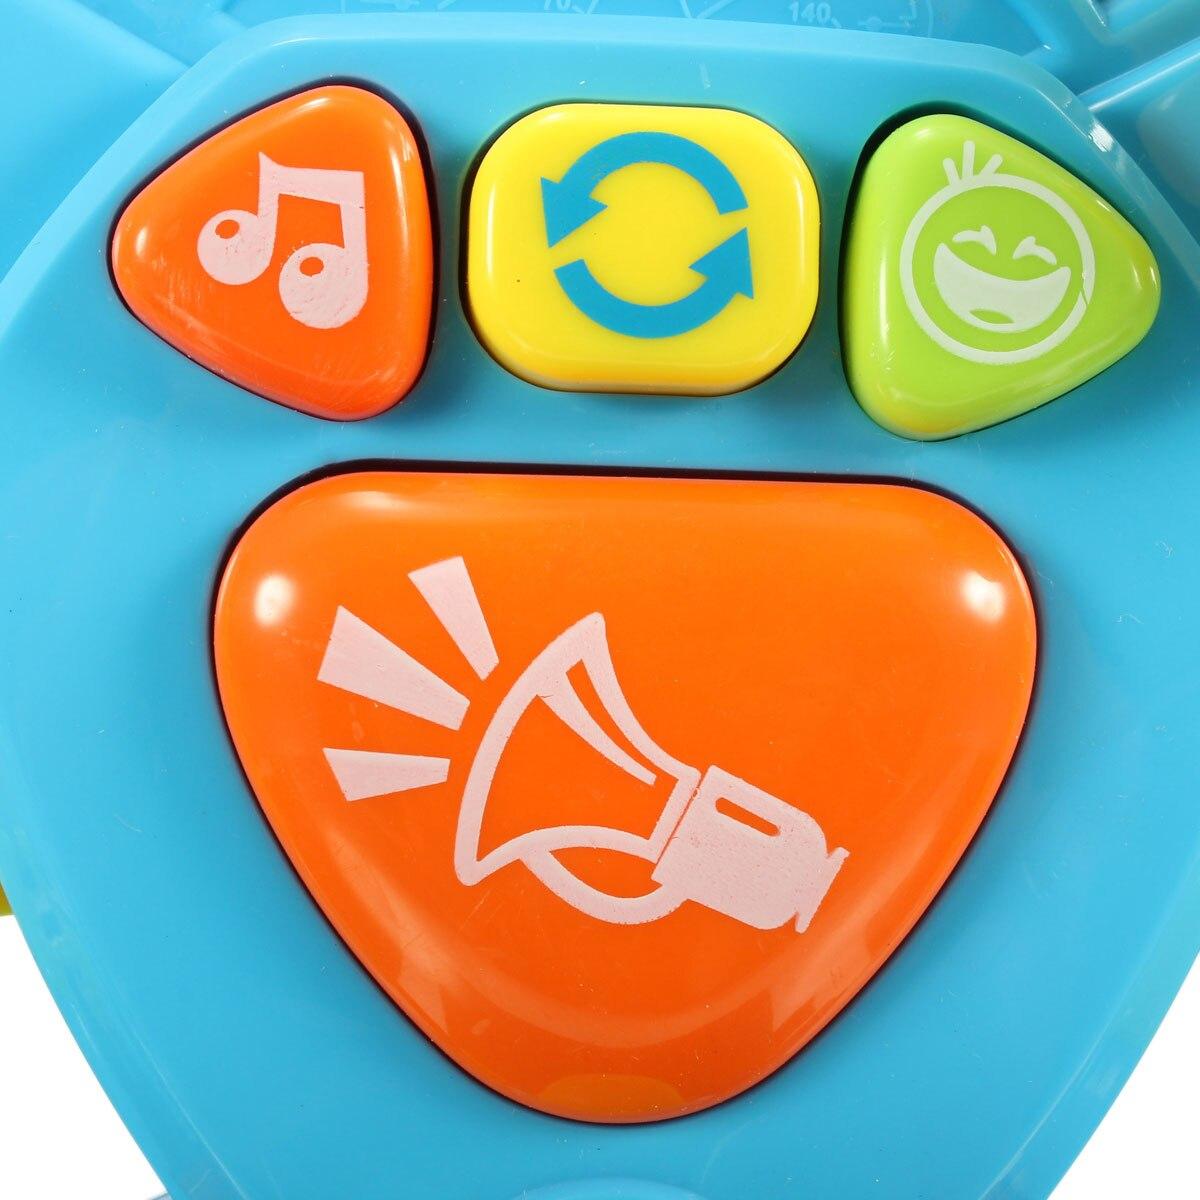 Детские музыкальные огни транспортировки Инструменты образование интеллект Игрушечные лошадки многофункциональный руль Игрушечные лоша...